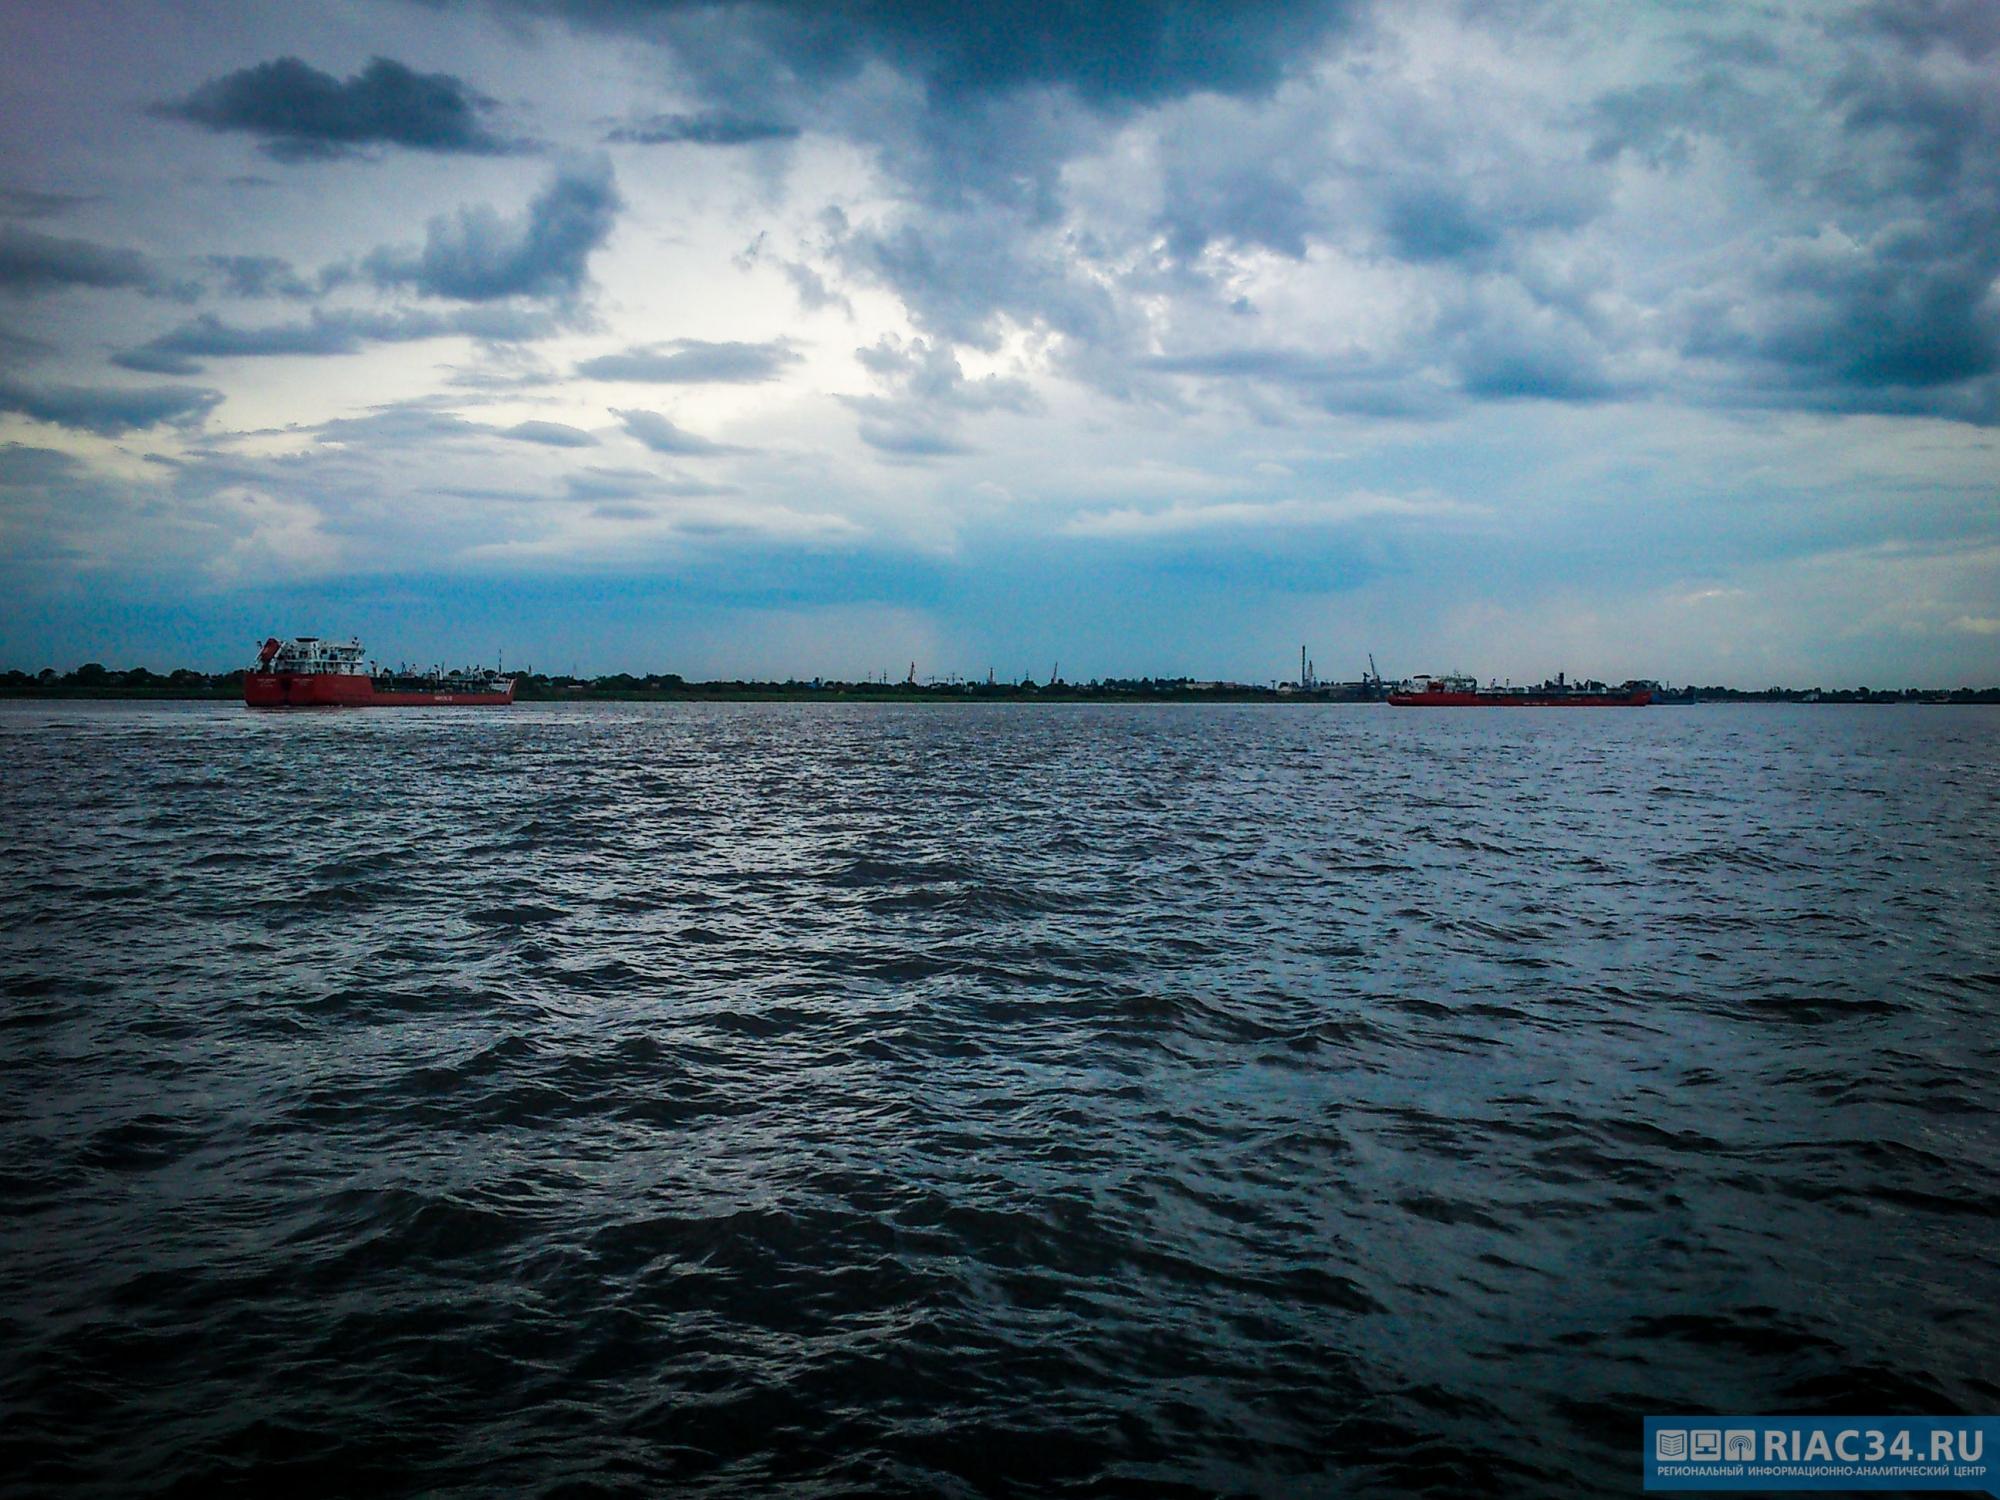 Транспортировки наостров Сарпинский переходят вруки администрации Волгограда